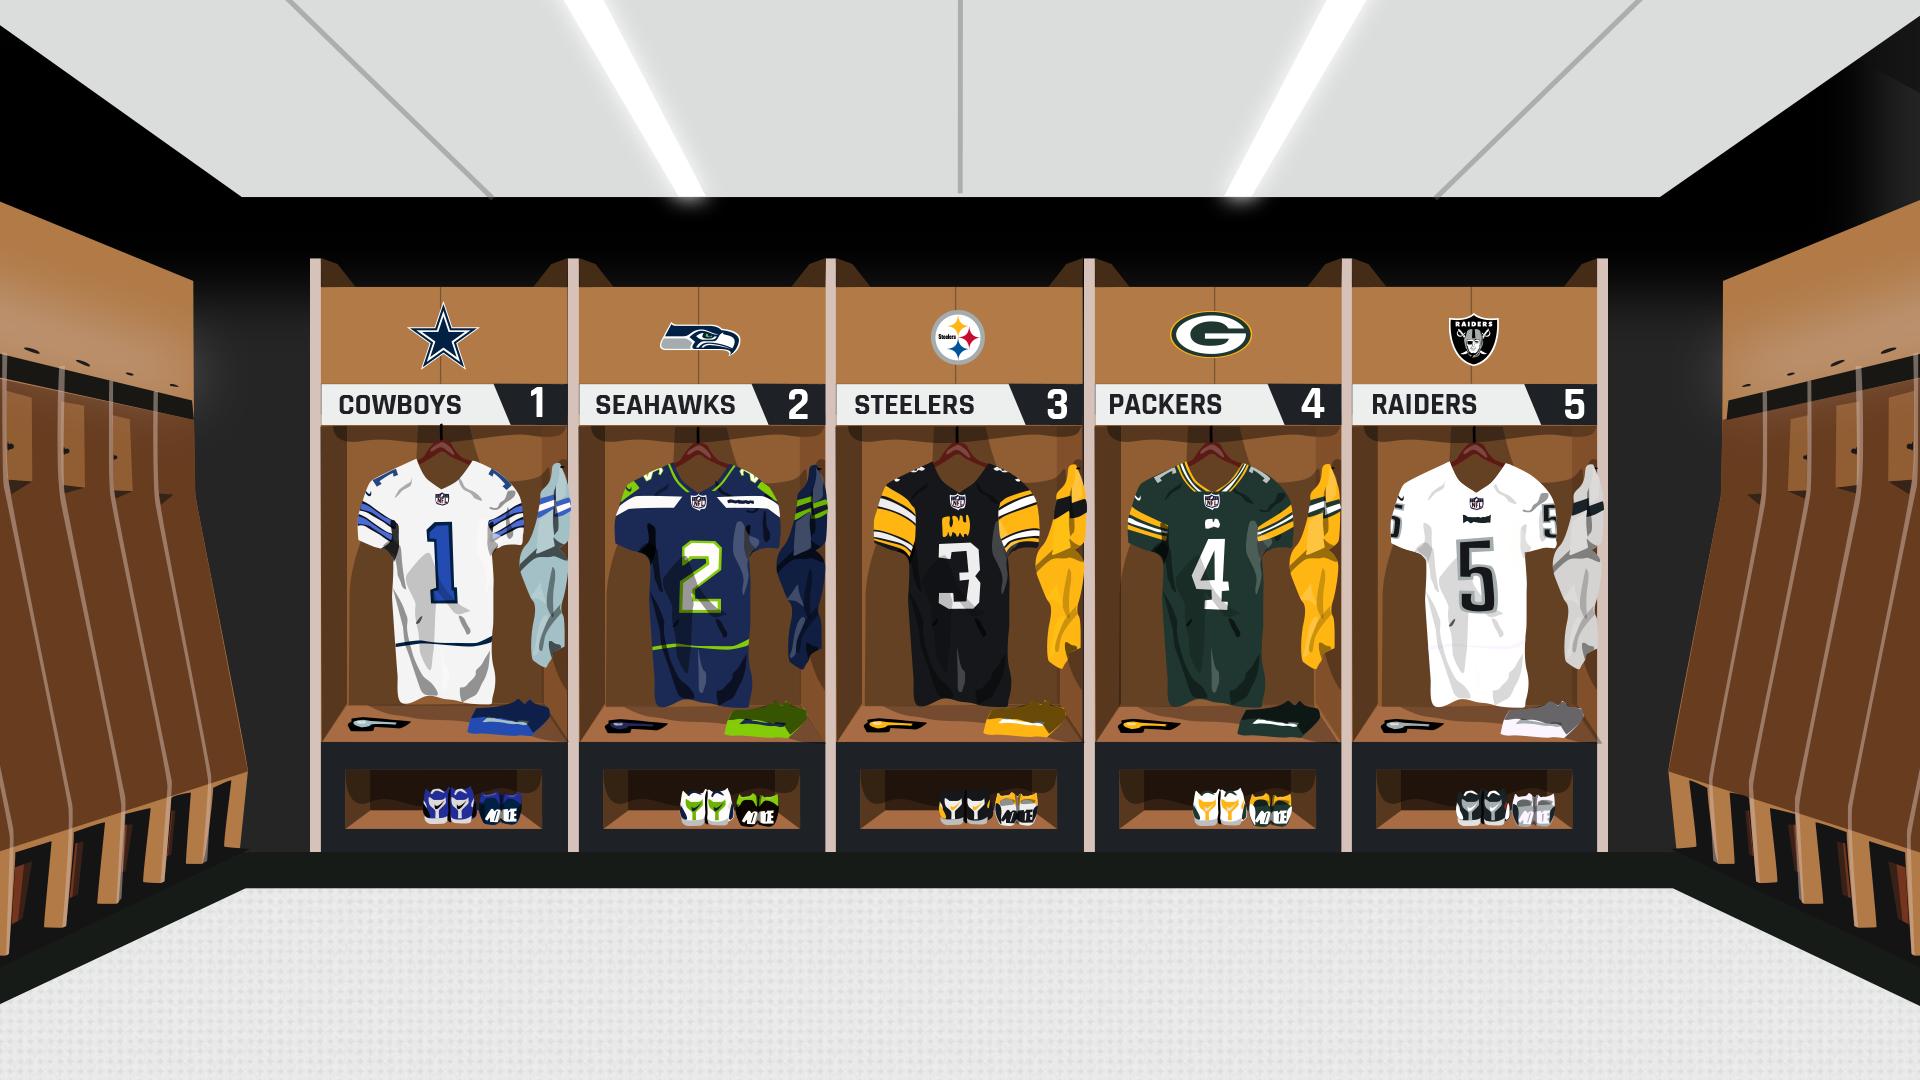 Clasificación de uniformes de la NFL: los Buccaneers suben, los Falcons caen con nuevas miradas para 2020 6